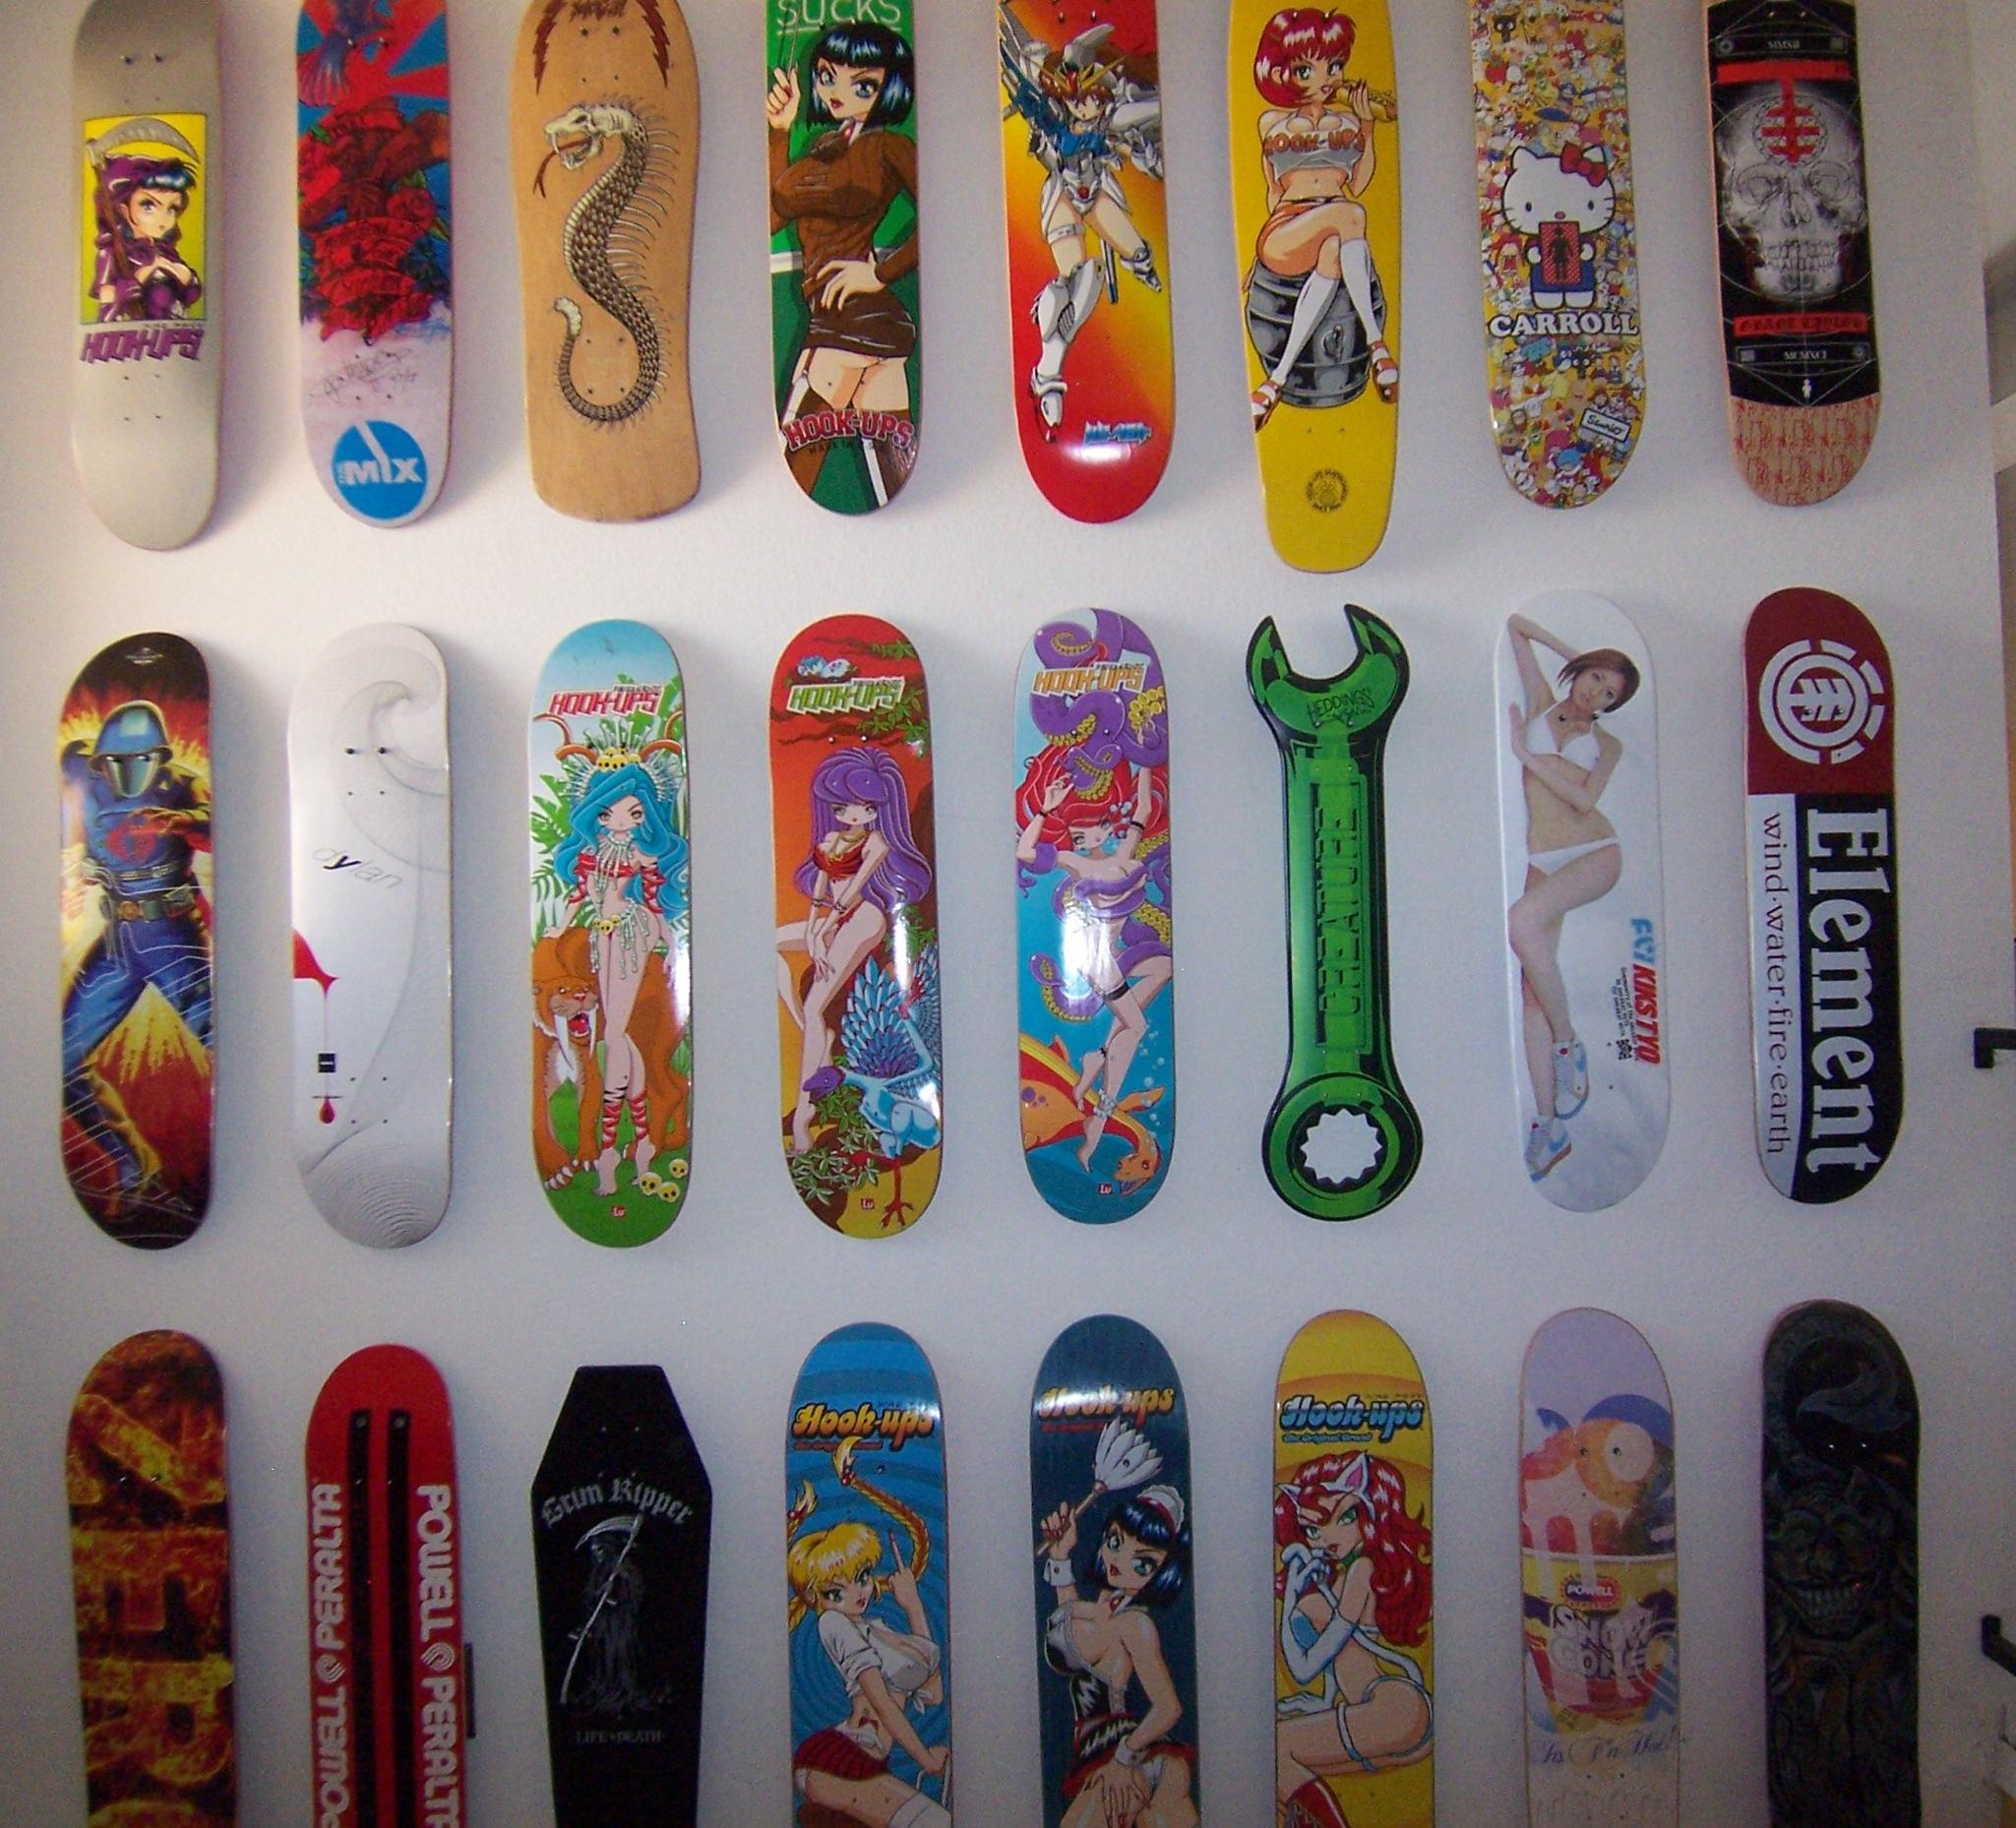 Hookup skateboards designs